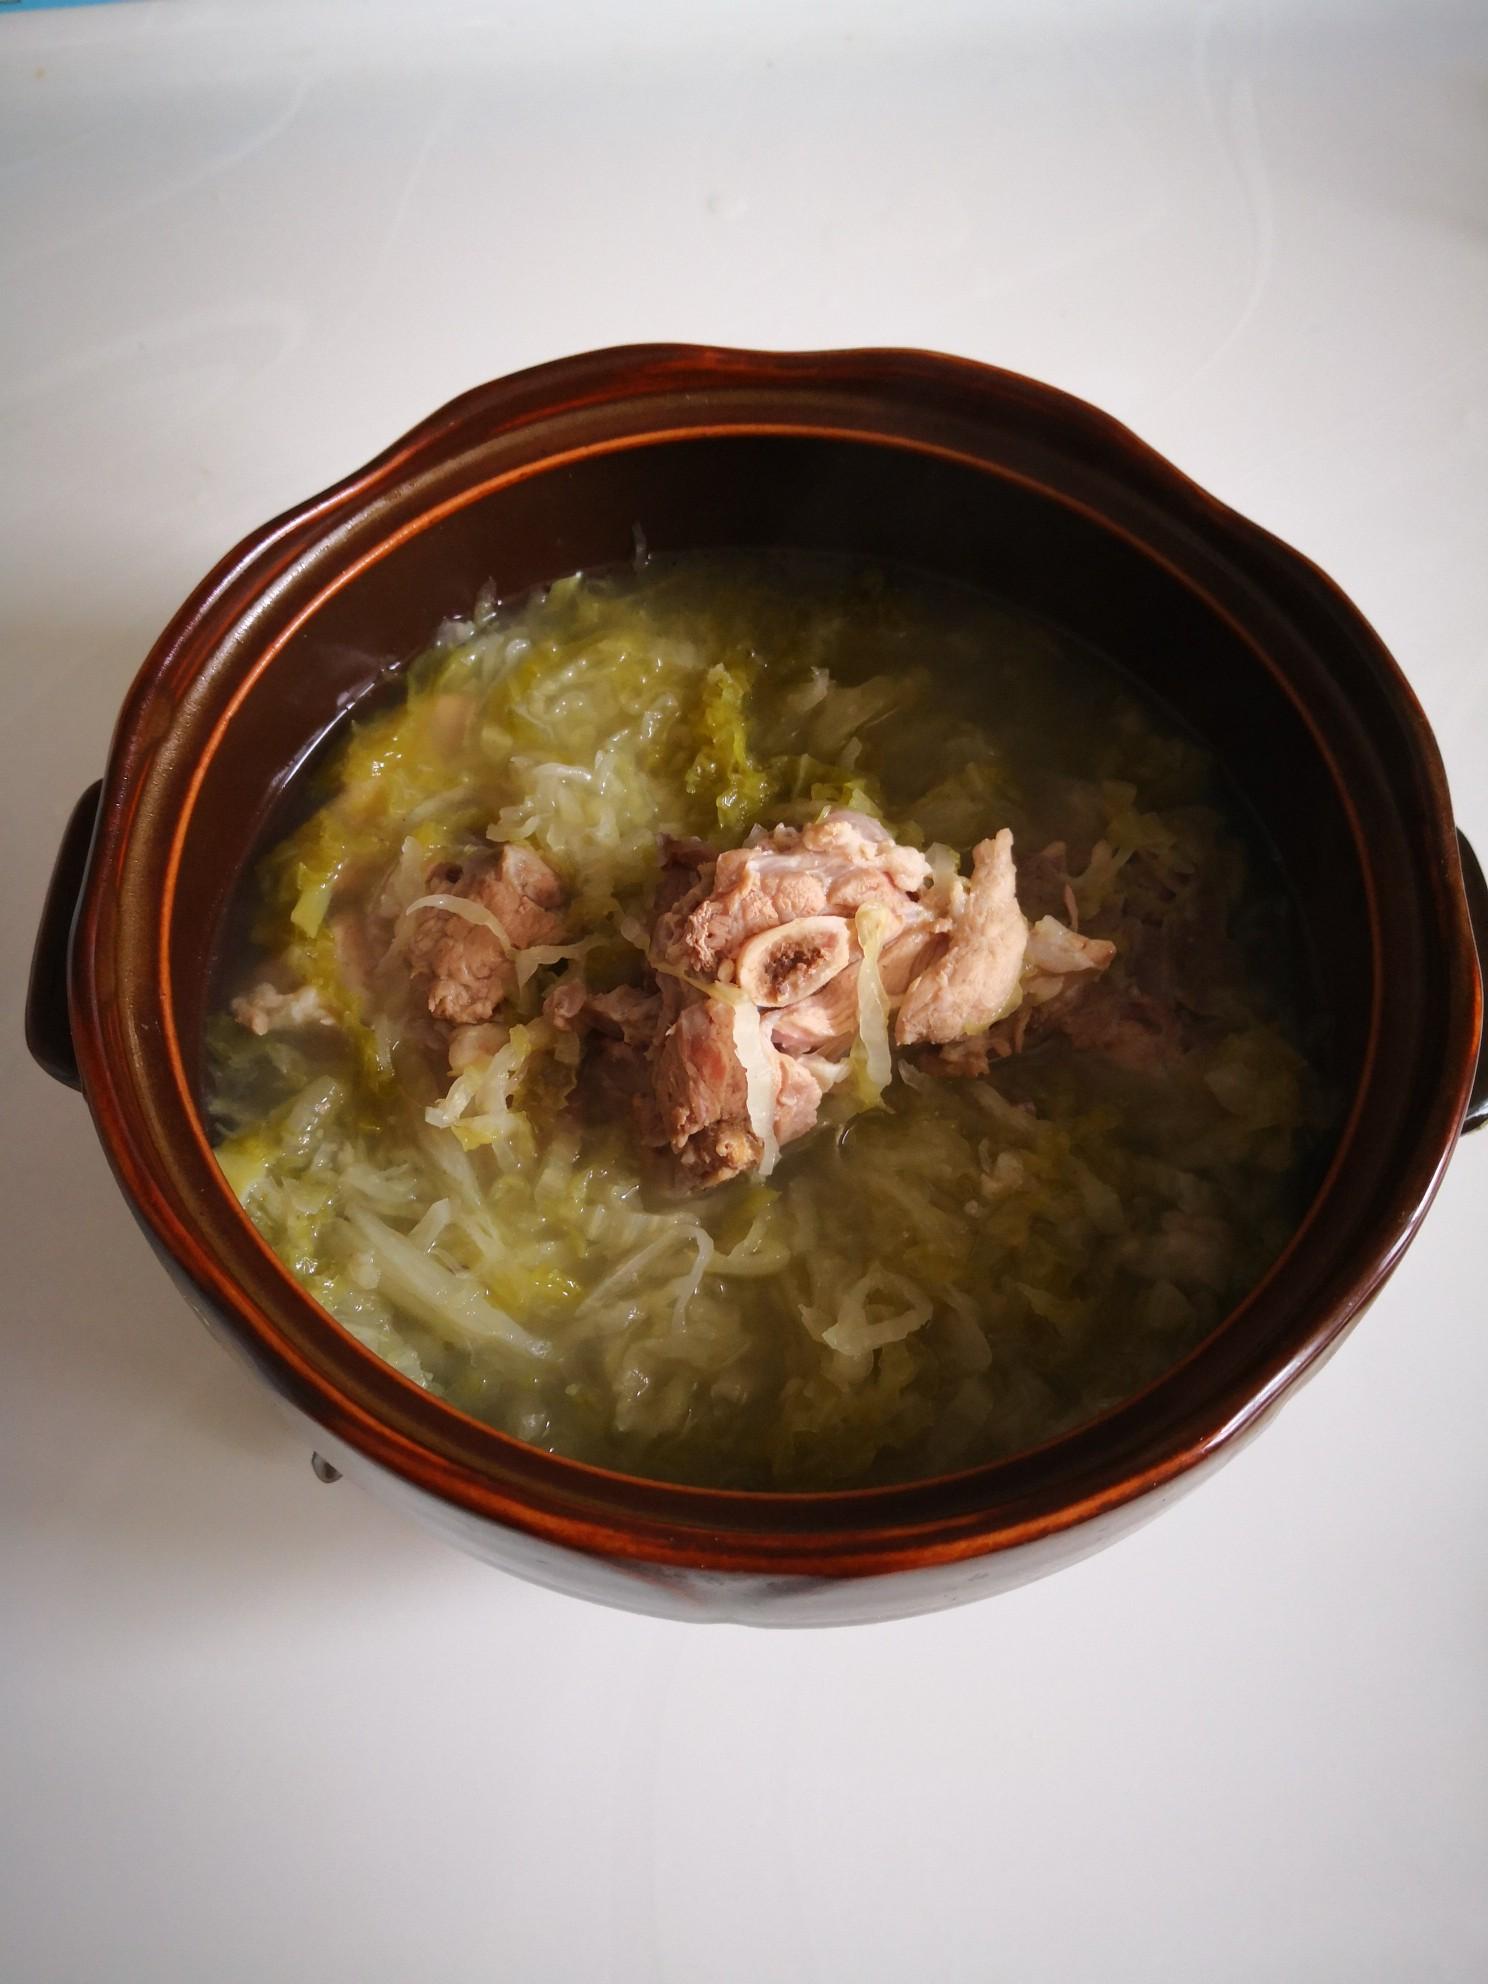 脊骨酸菜汤怎么吃